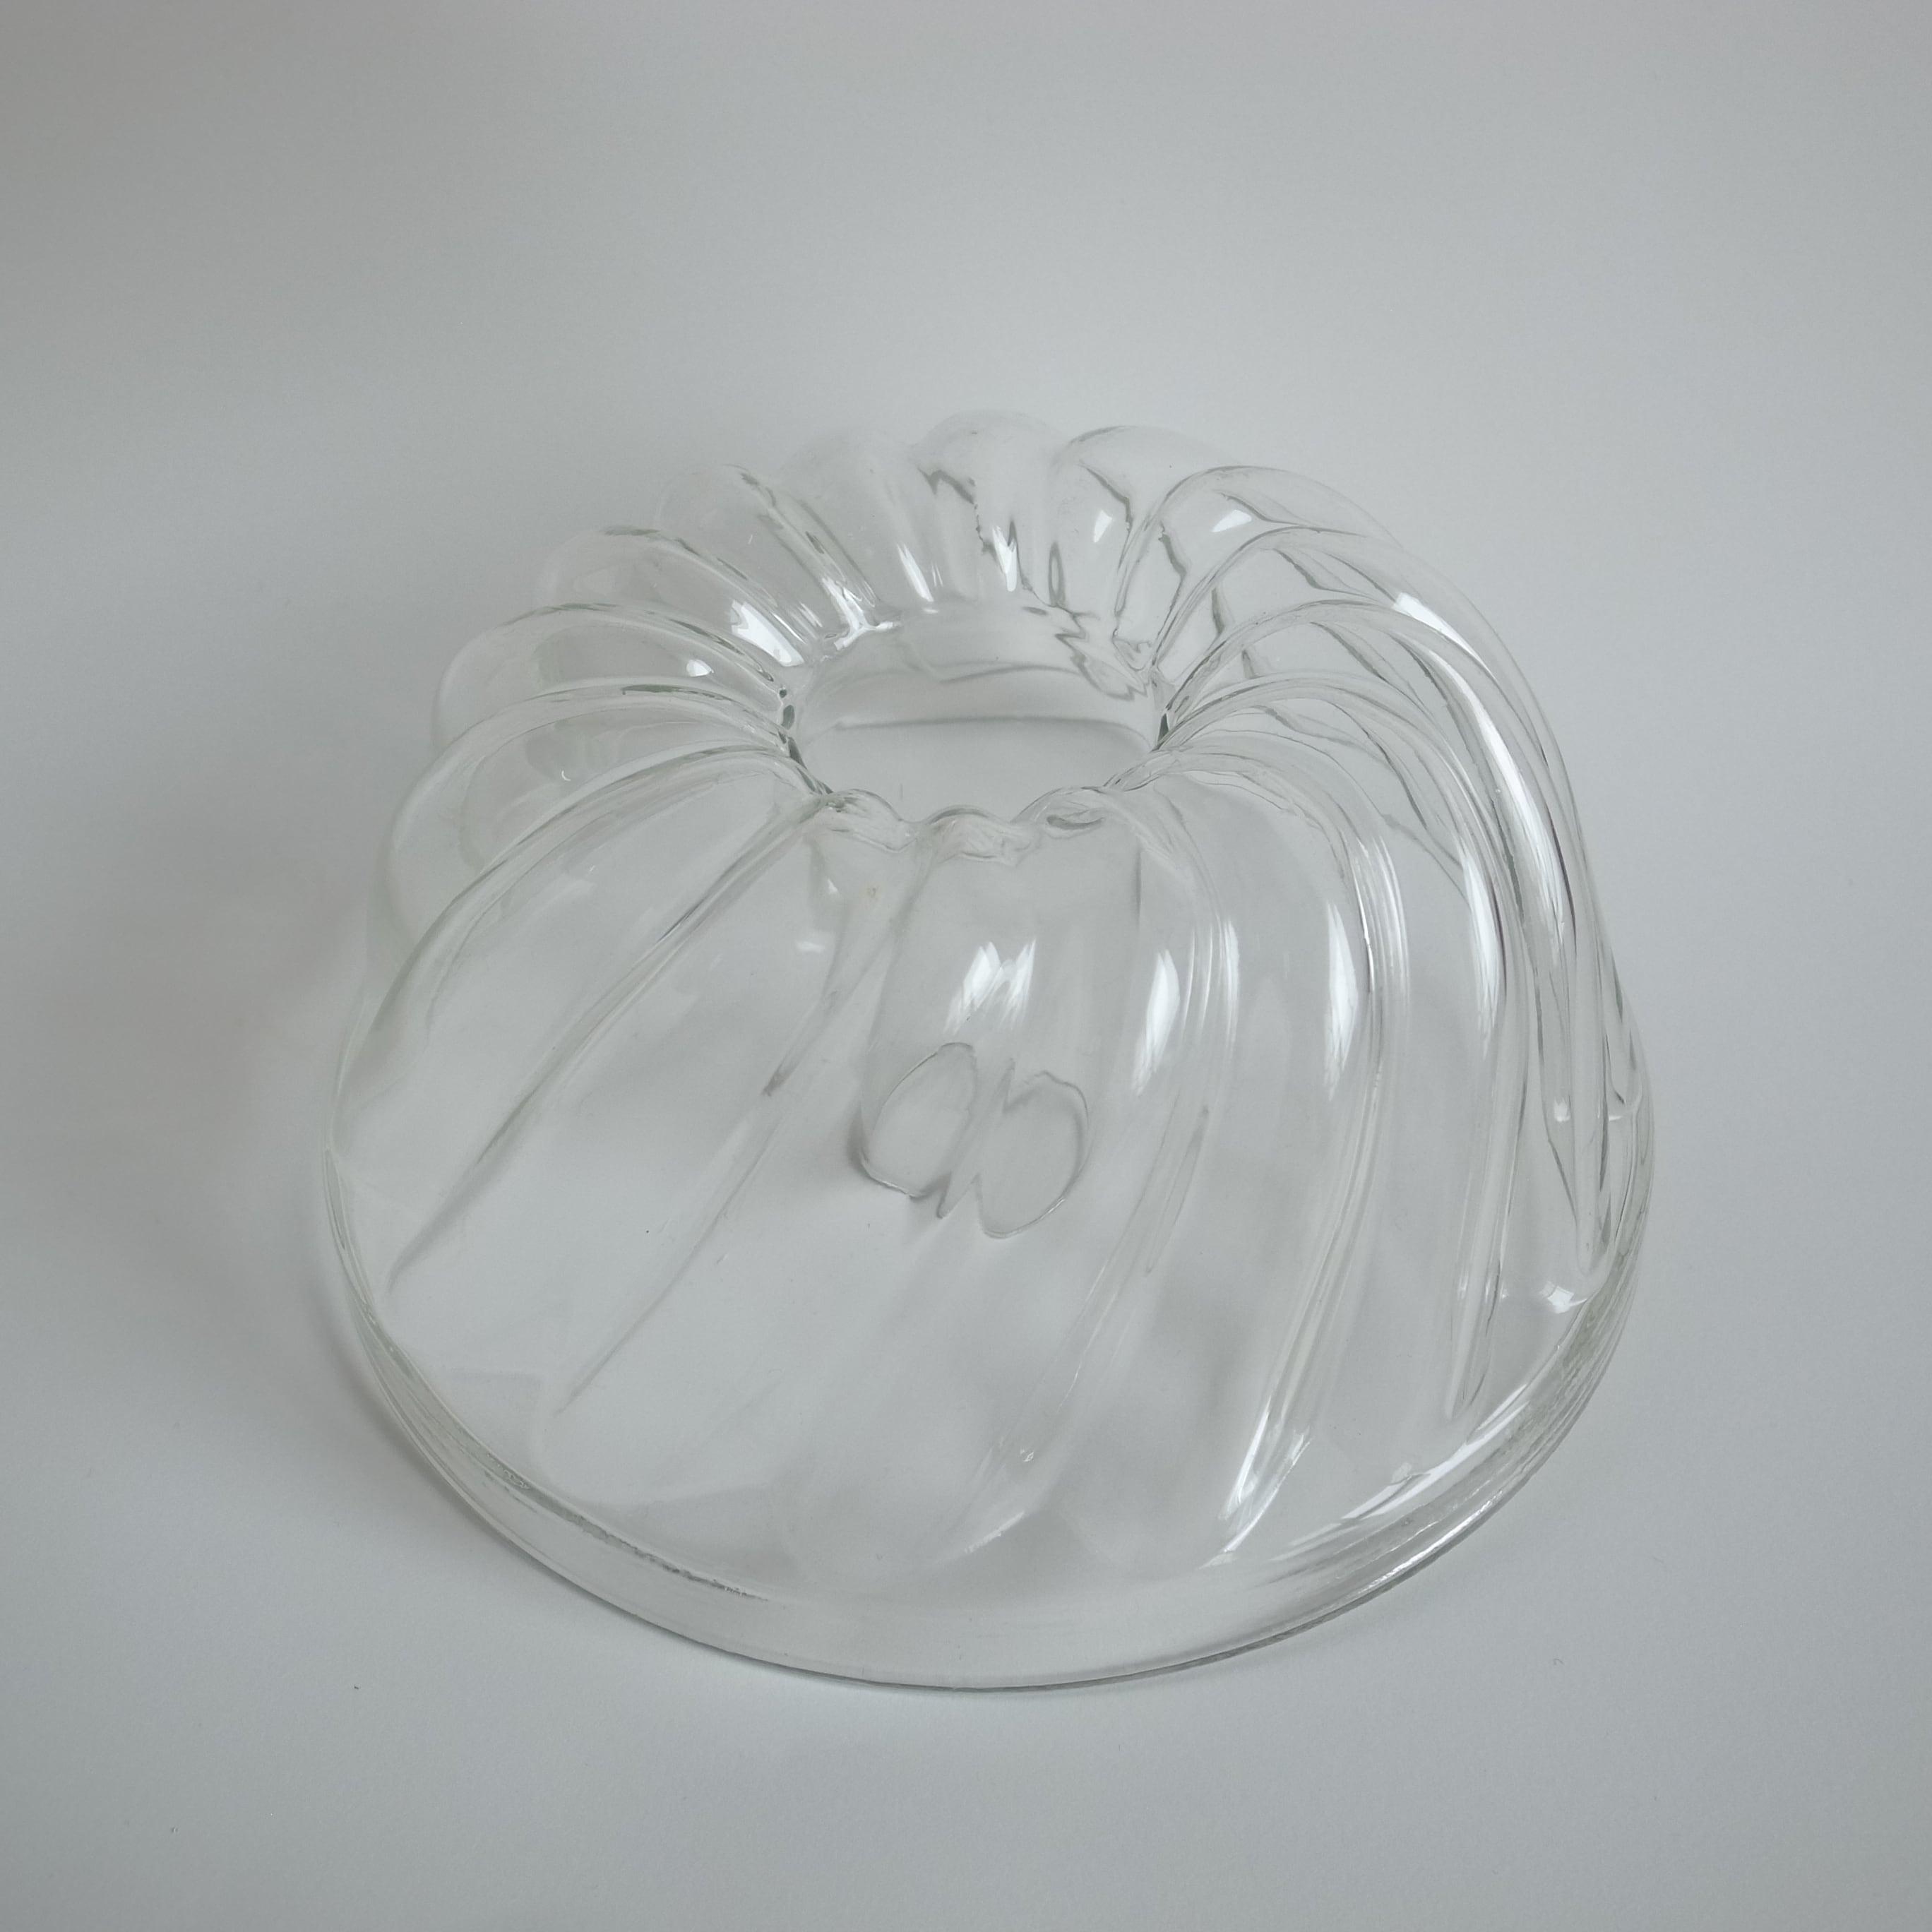 Glass Kouglof Mold